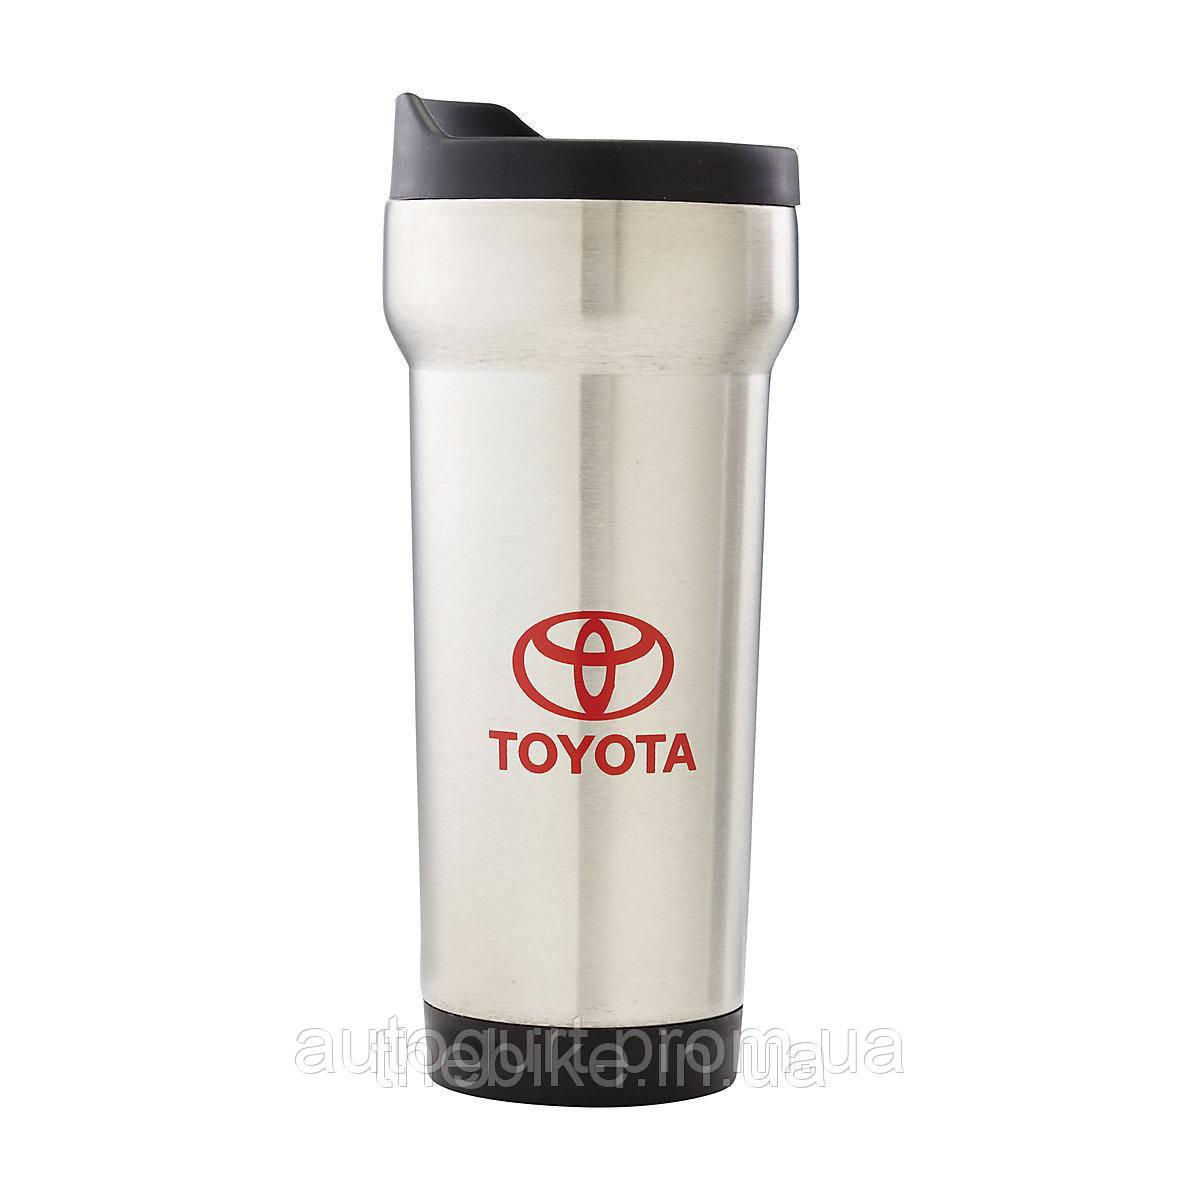 Термокружка Toyota Empire Tumbler